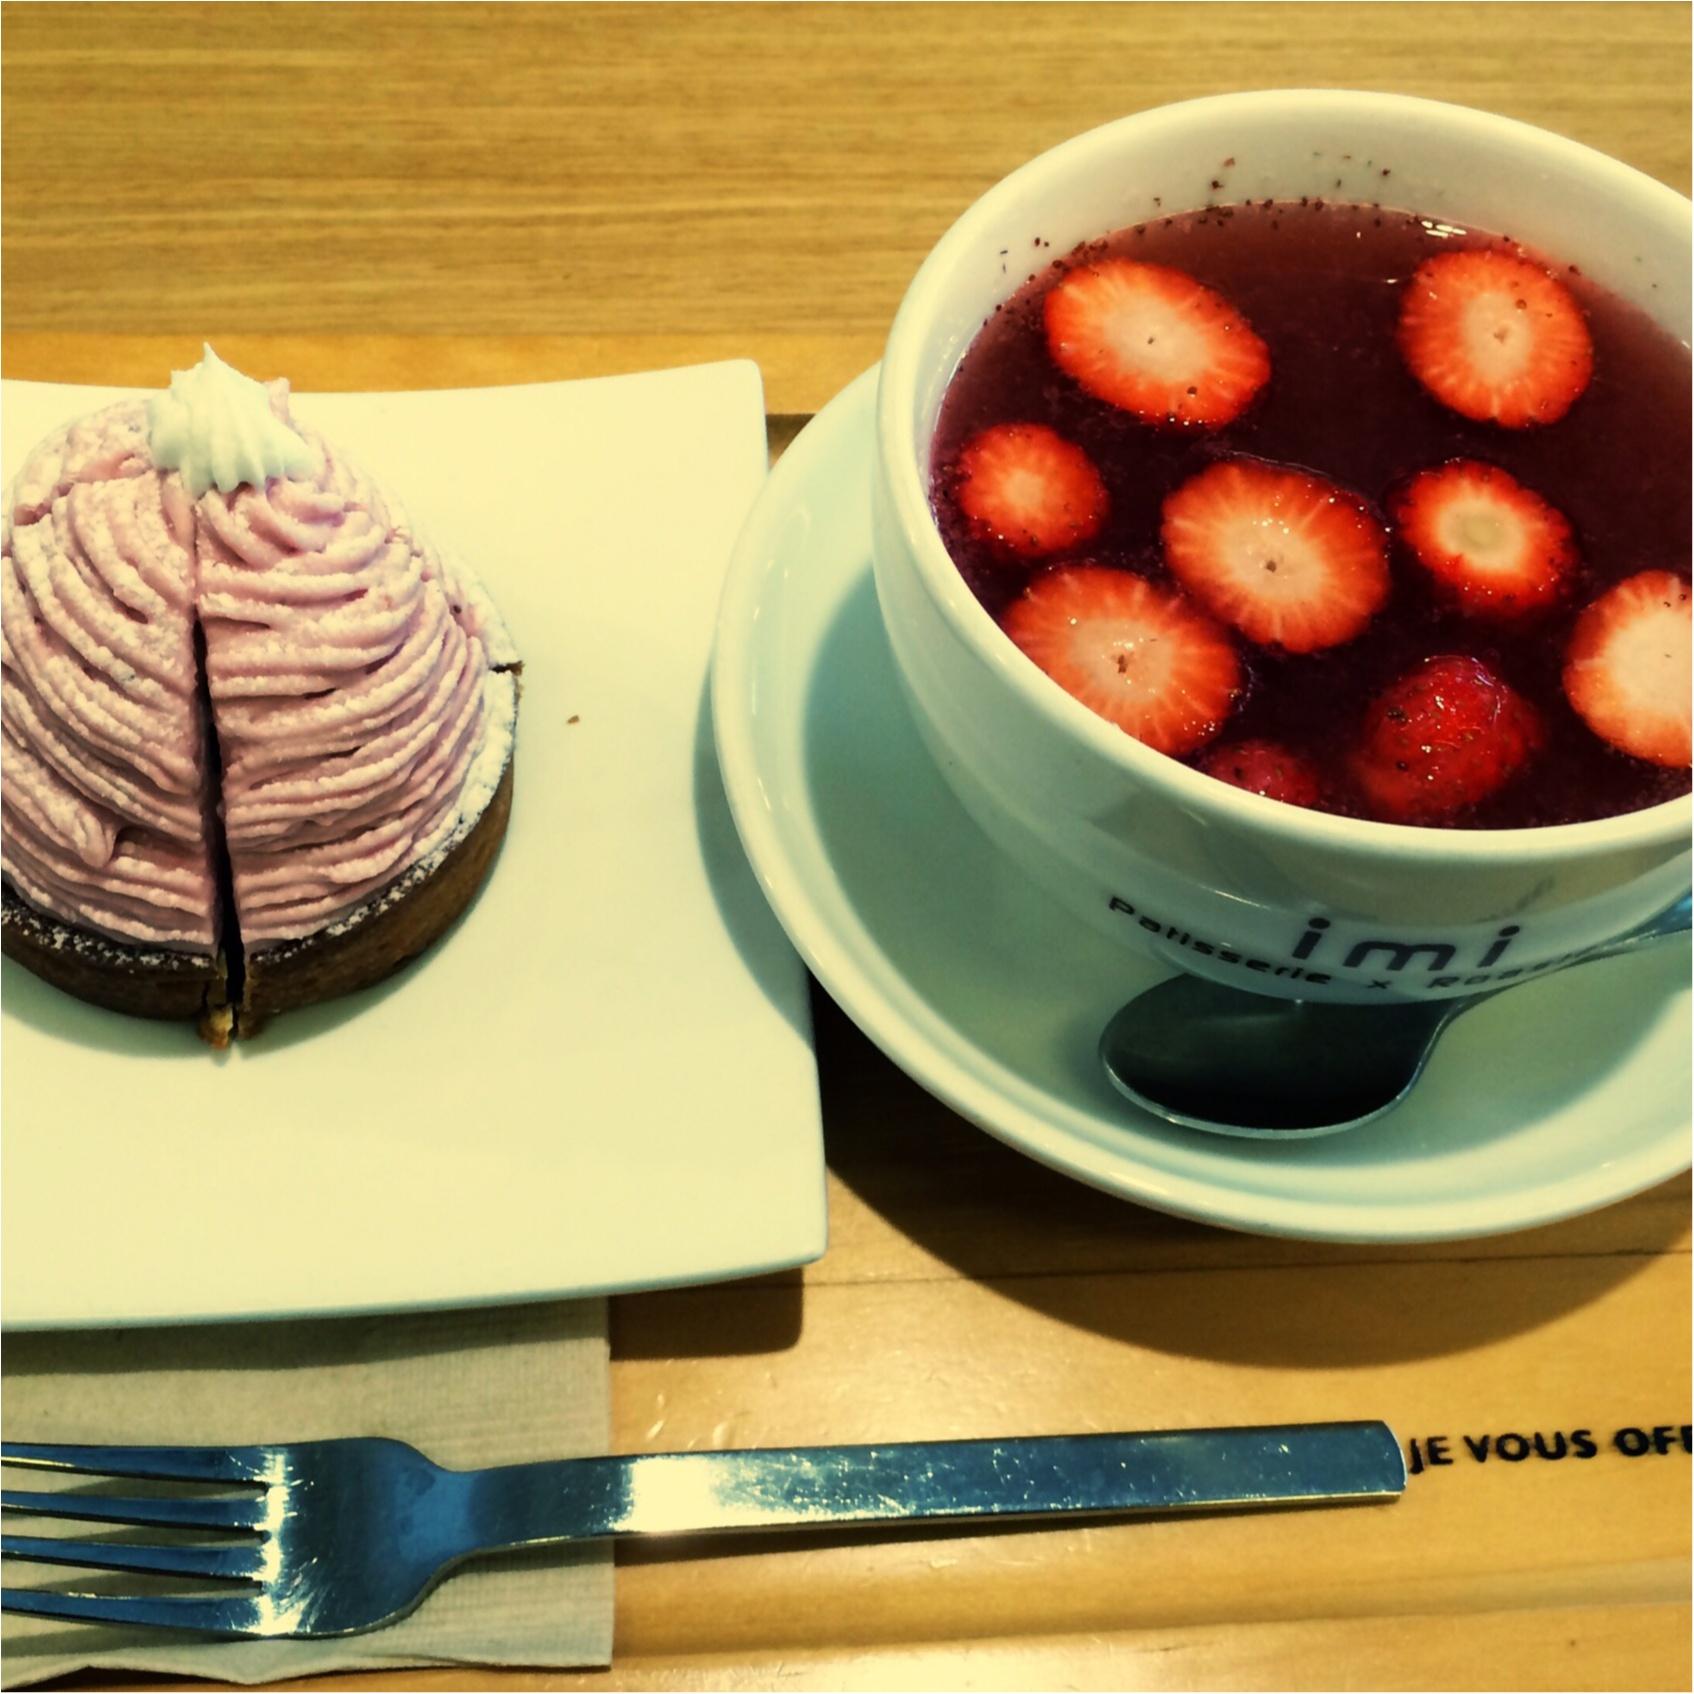 ★もはやカフェ大国?手軽にいける旅行先韓国より可愛さ満点、美味しさ抜群のカフェを紹介します!★_8